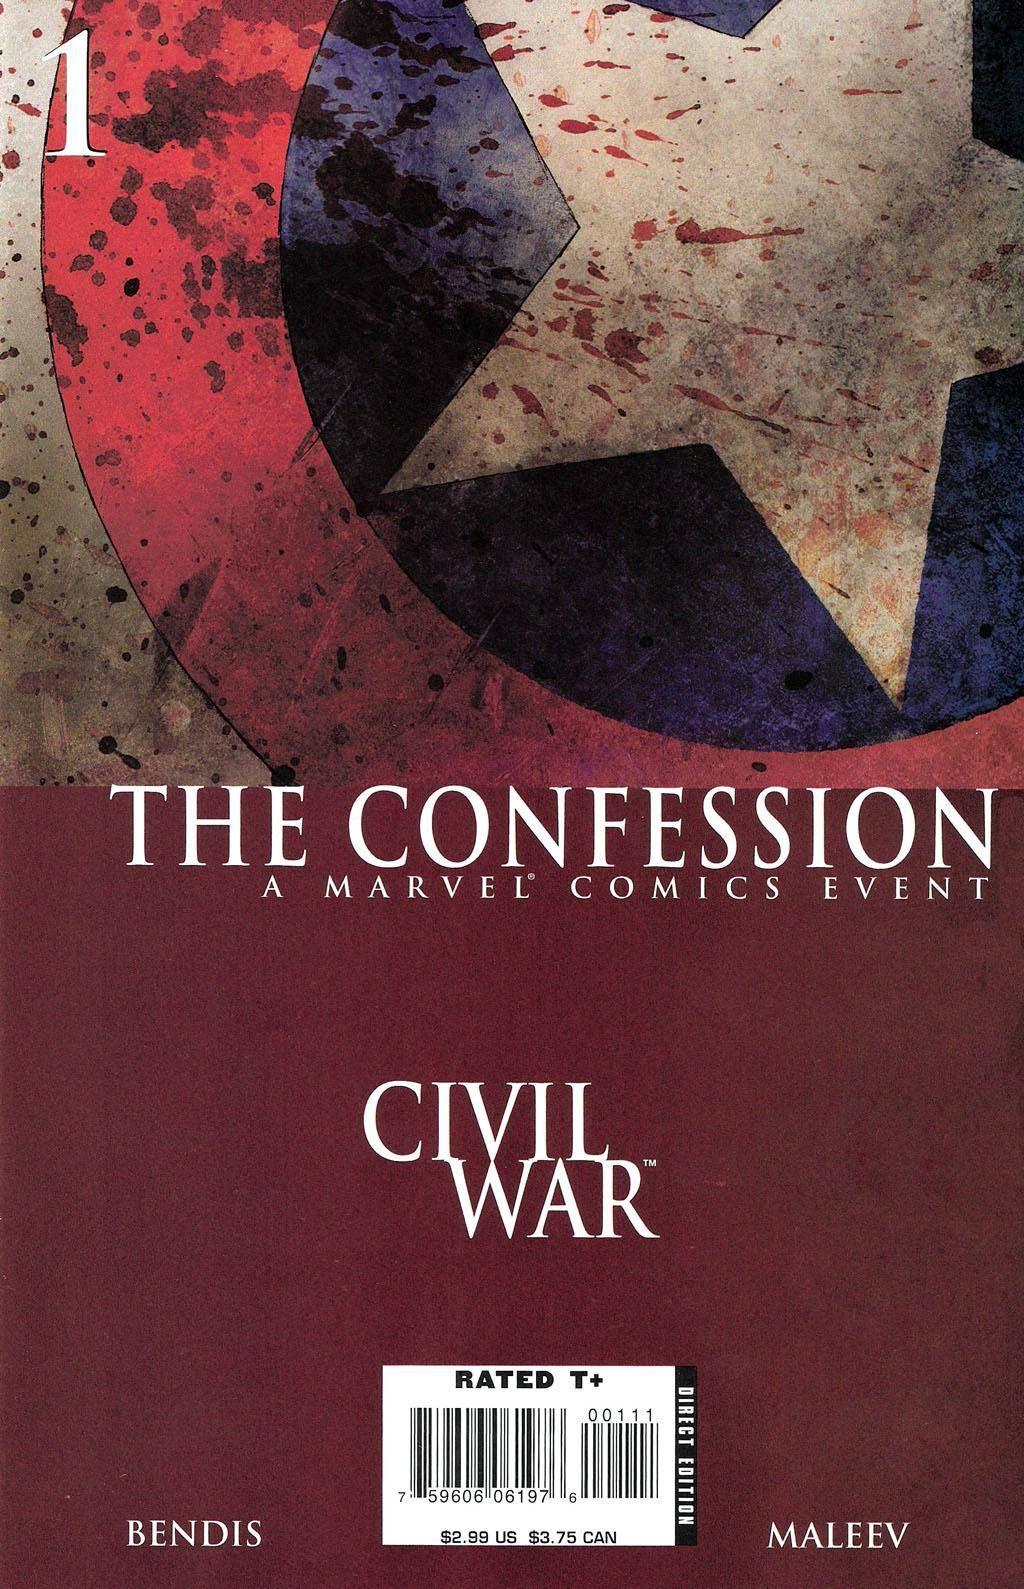 Civil War - The Confession